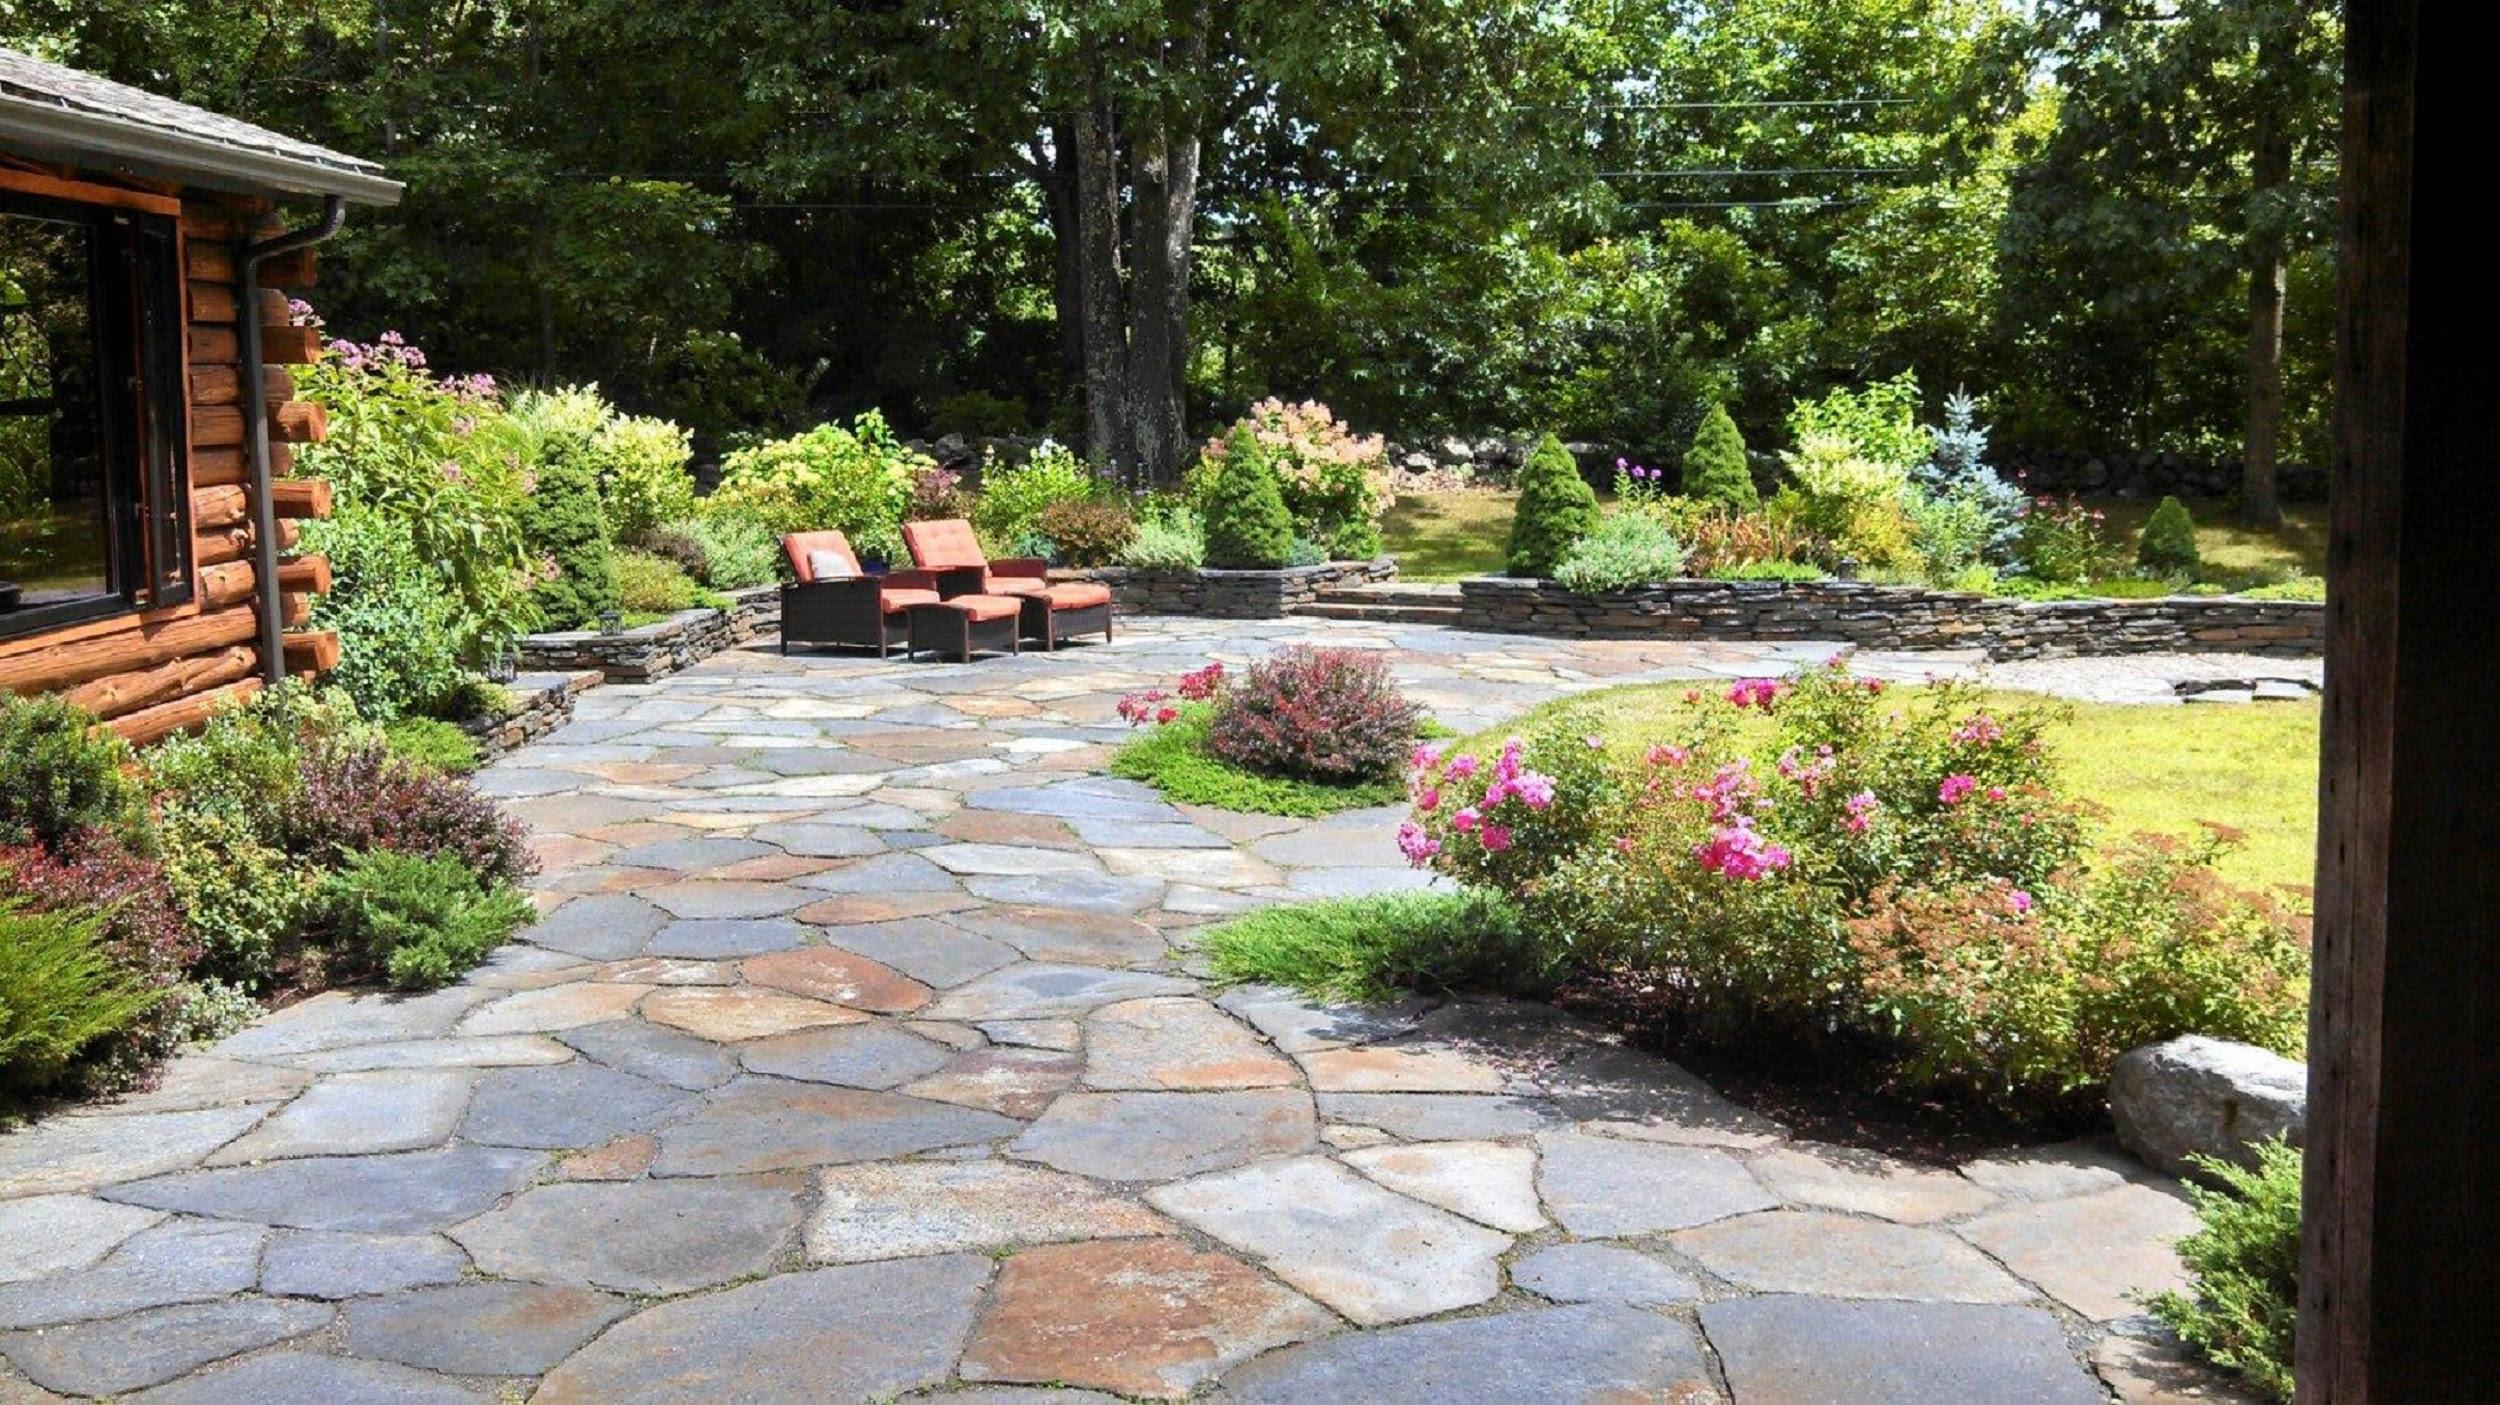 Desgin your own patio   Garden Design for Living